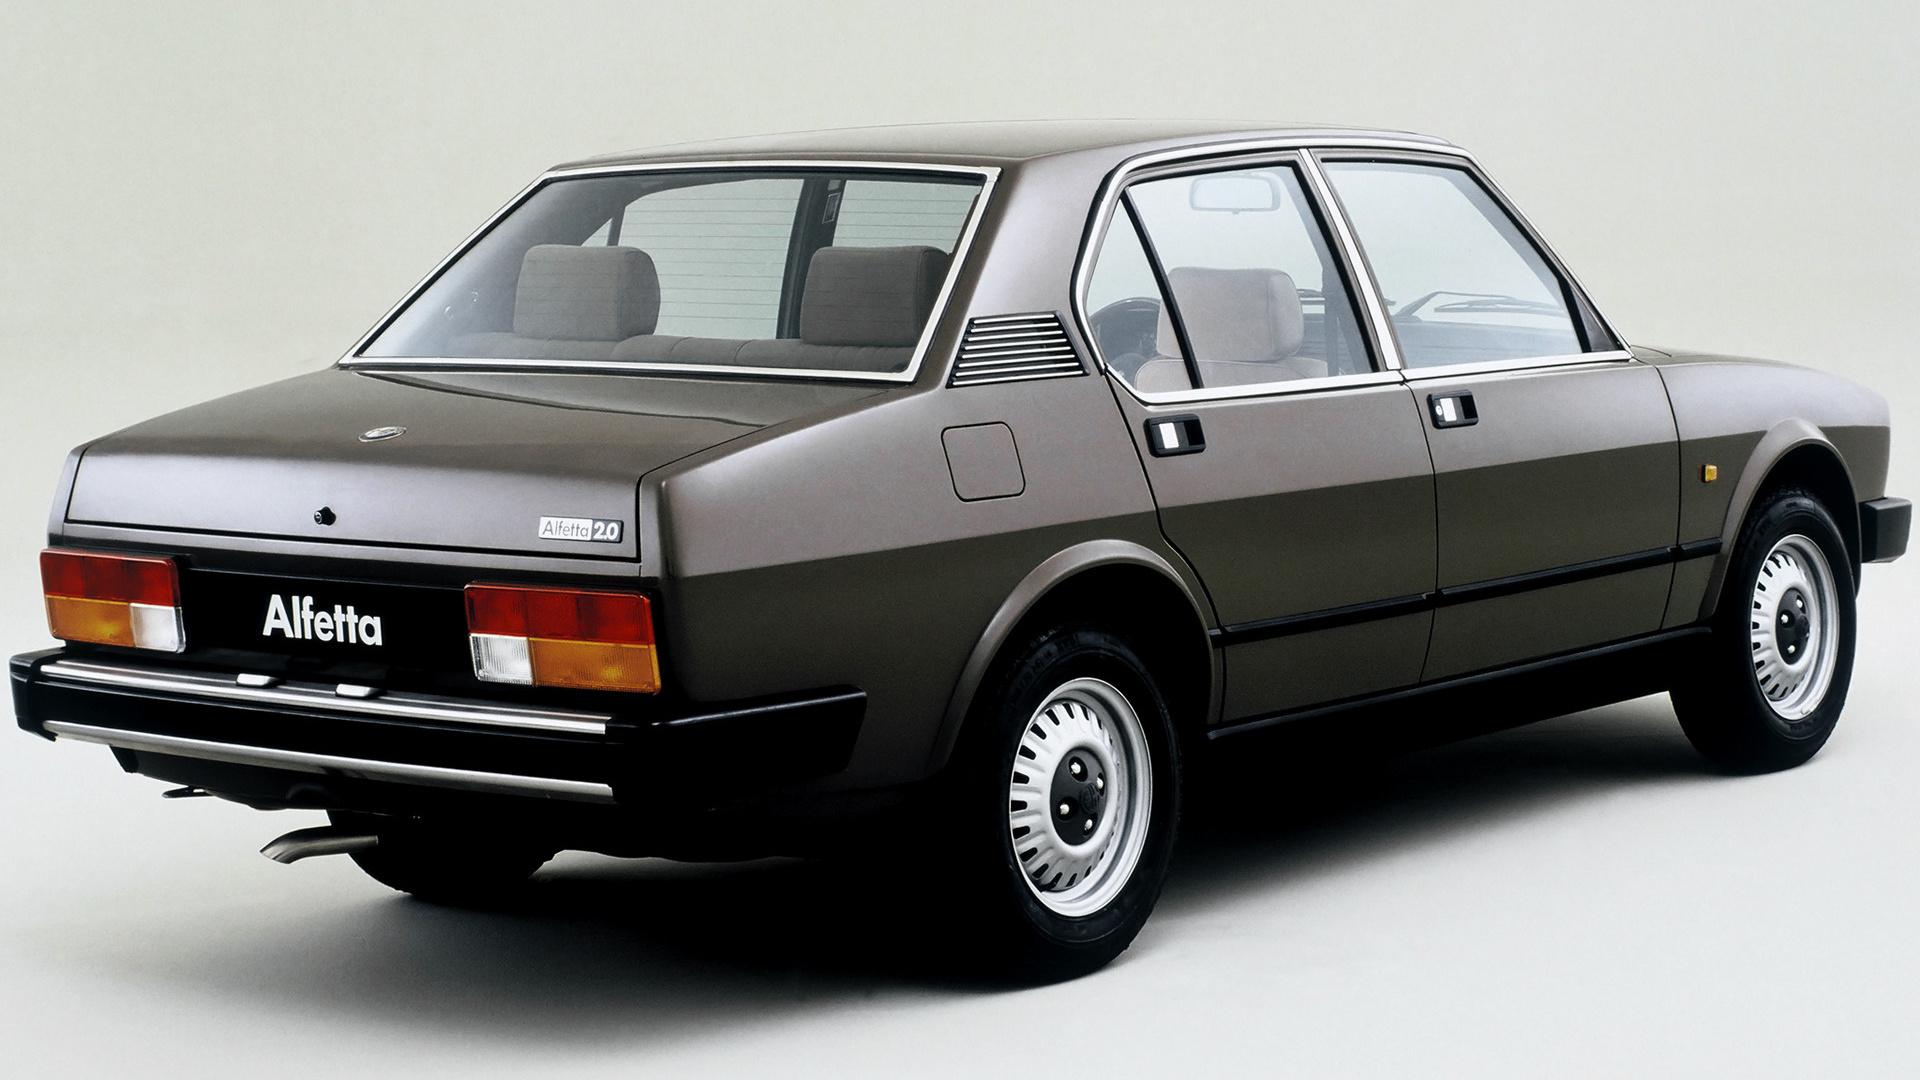 1981 Alfa Romeo Alfetta 2 0 Wallpapers And Hd Images Car Pixel